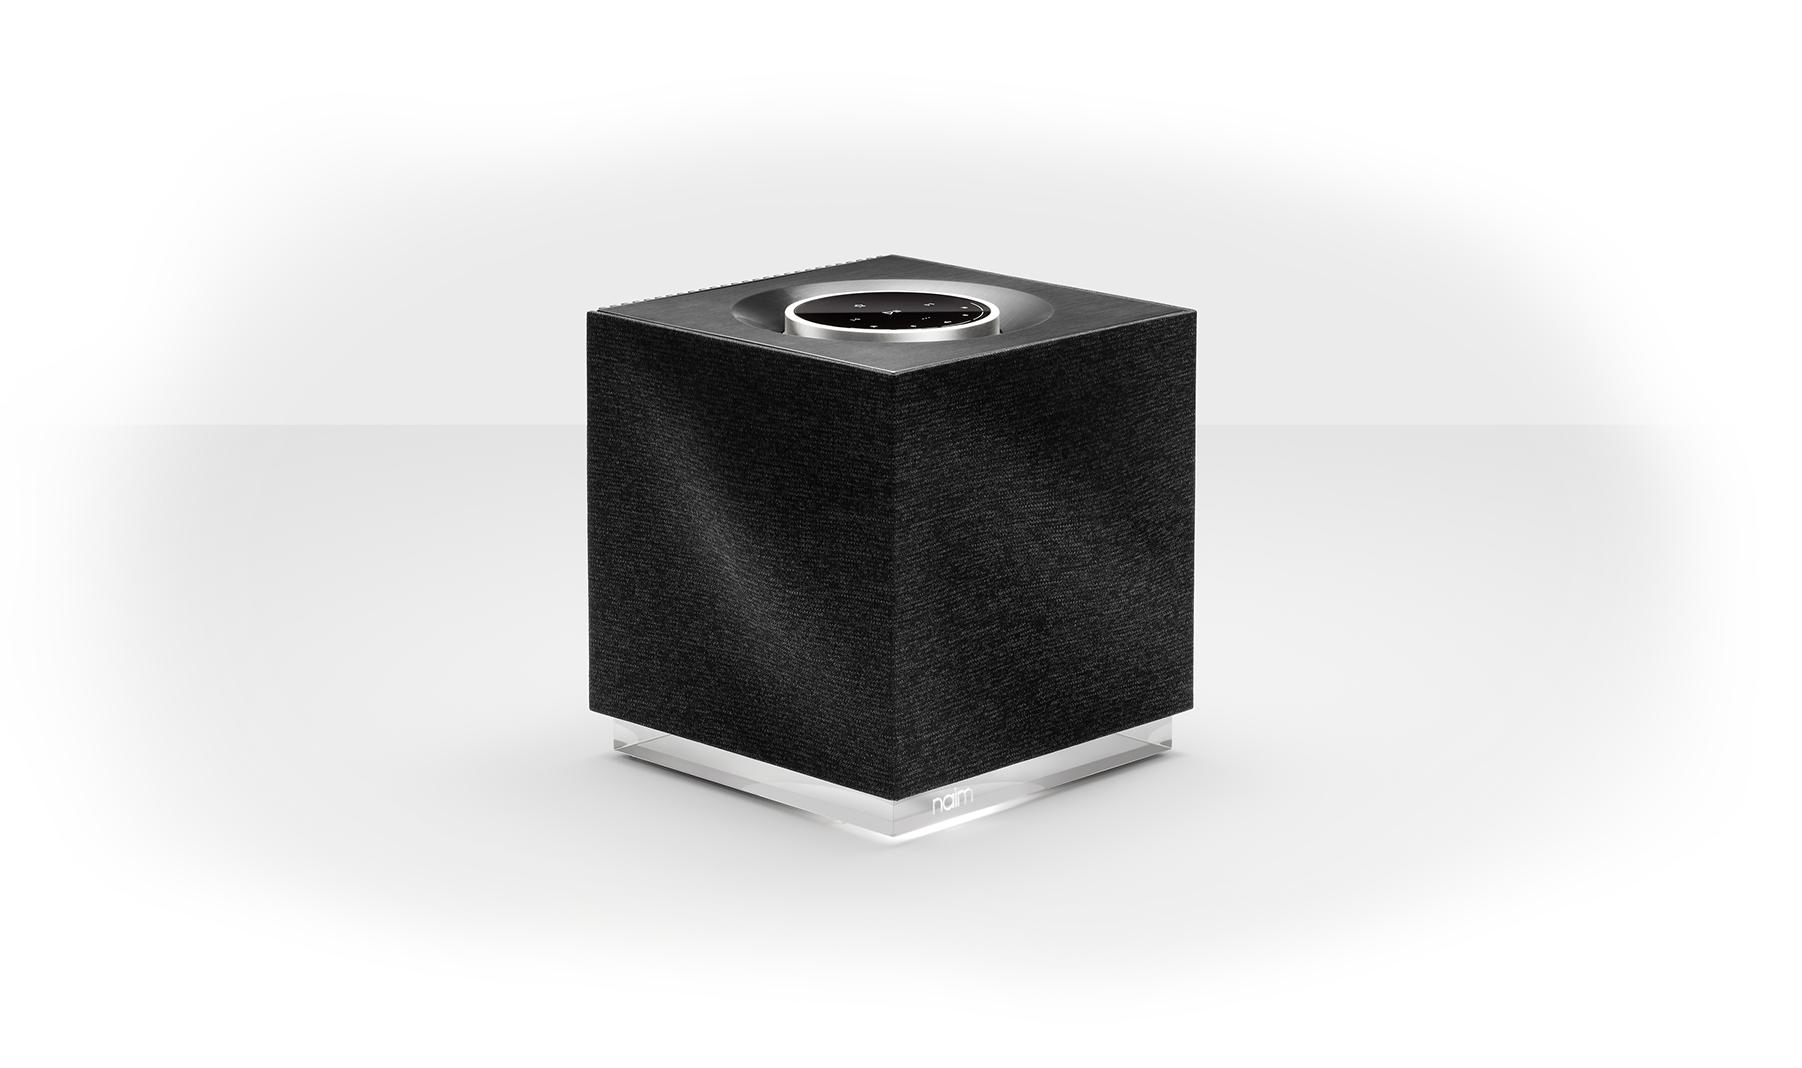 Naim Mu-so Qb2: Mẫu loa không dây cao cấp, thiết kế đẹp, nhỏ gọn, chất âm hay, giá khoảng 21 triệu